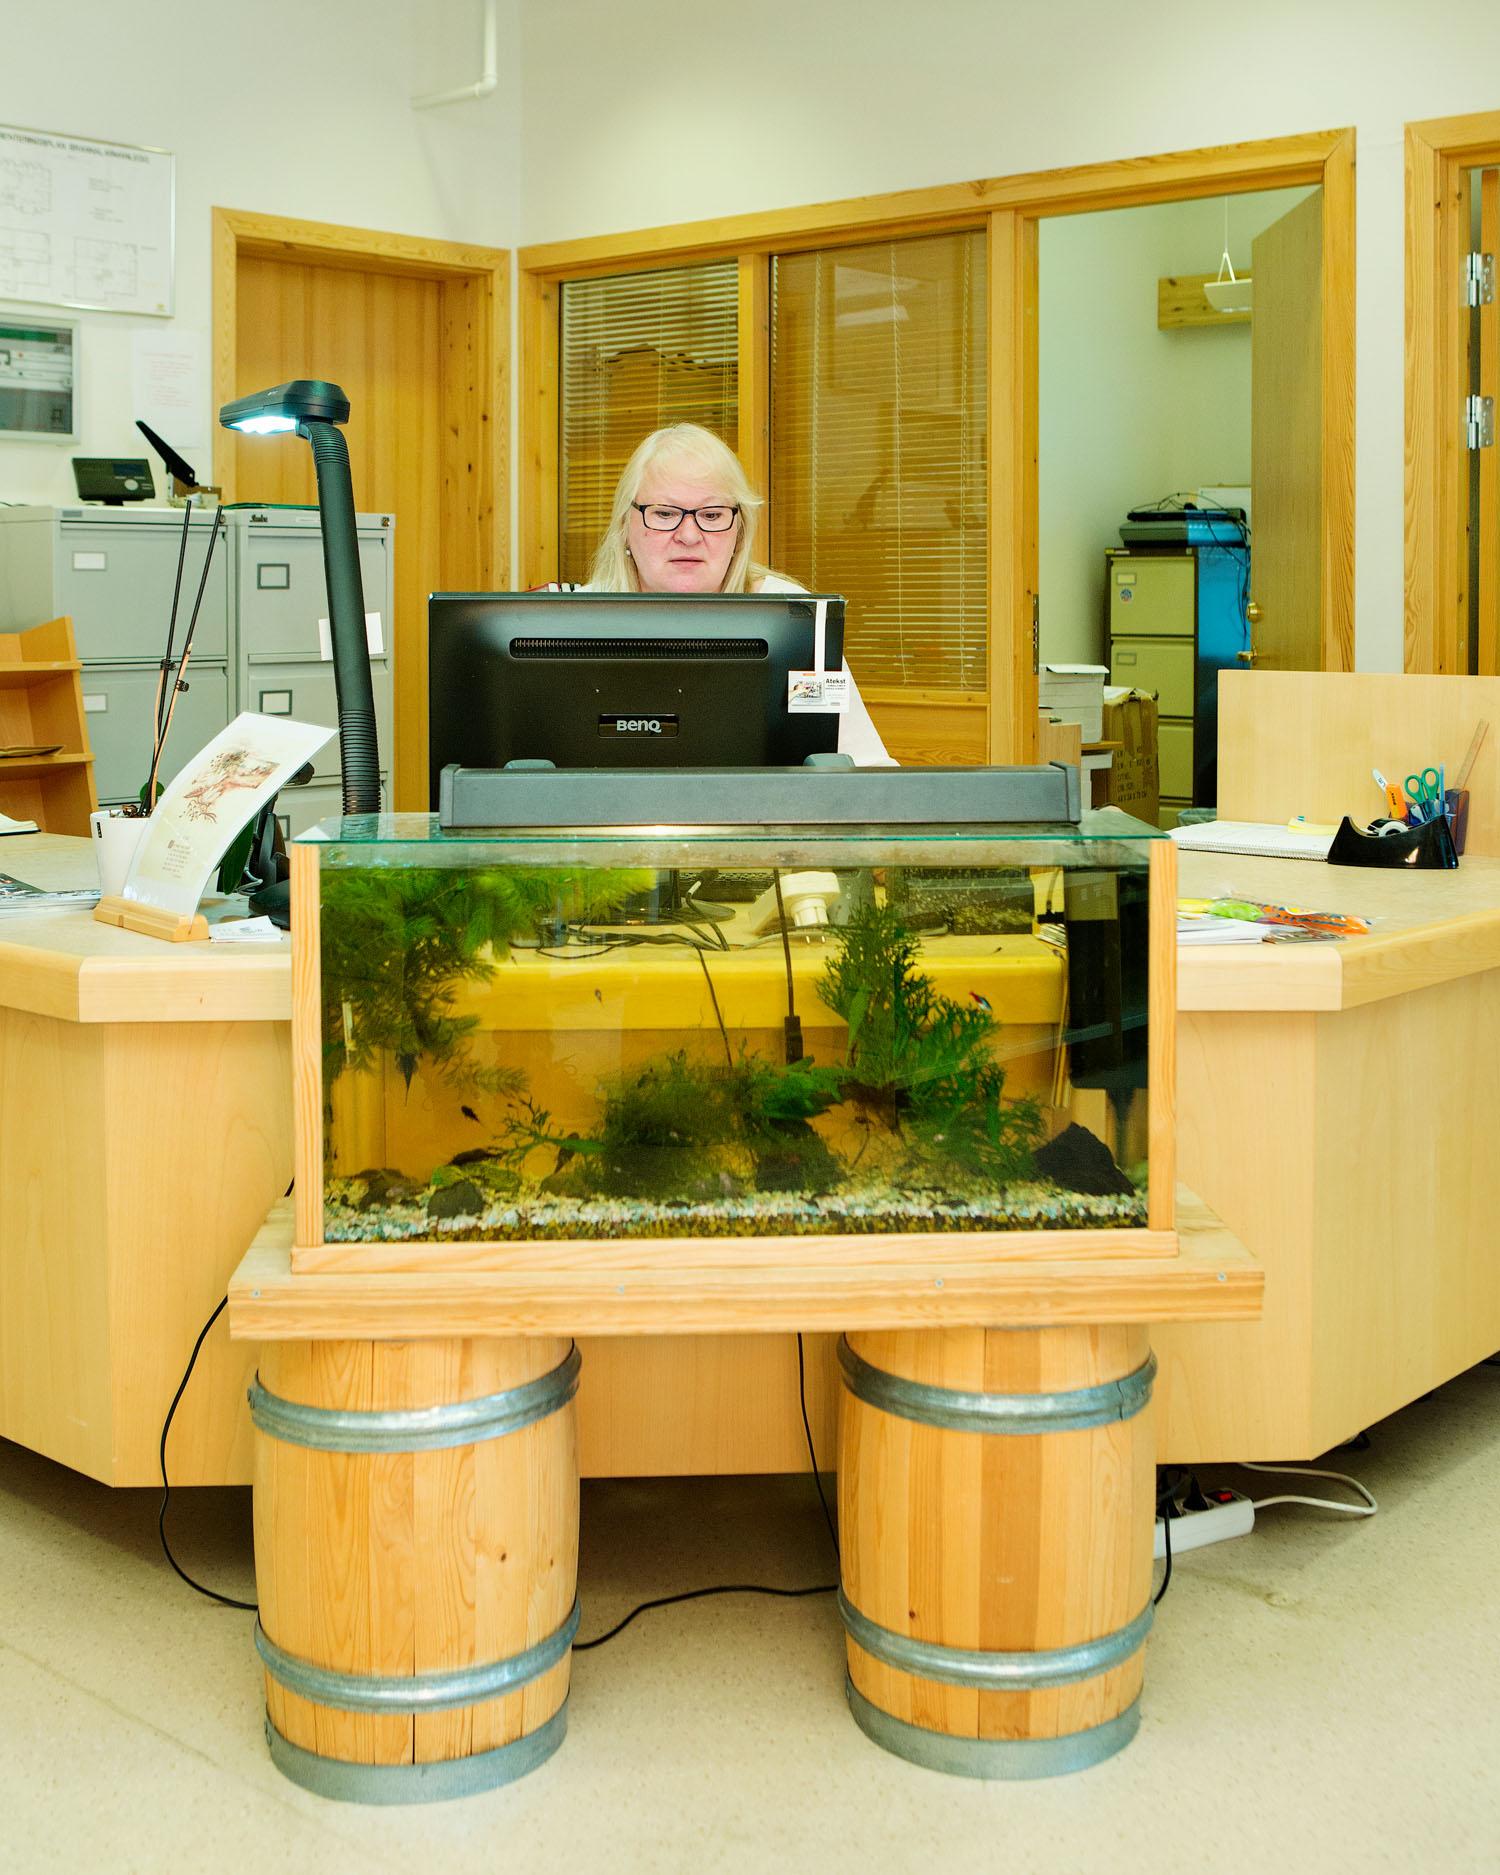 Nordreisa bibliotek  Biblioteknr.: NO-2194200 Nordreisa, Troms Fotografert: 2015  «Ingen dag er lik, og man vet aldri hvem som kommer innom, det er spennende. Blant ungene er akvariet særlig populært.»   Gunn-Lill Johansen har jobbet ved Nordreisa bibliotek på Storslett siden juli 1996, men tok fagutdanning og ble ferdig utdannet bibliotekar i 2005.